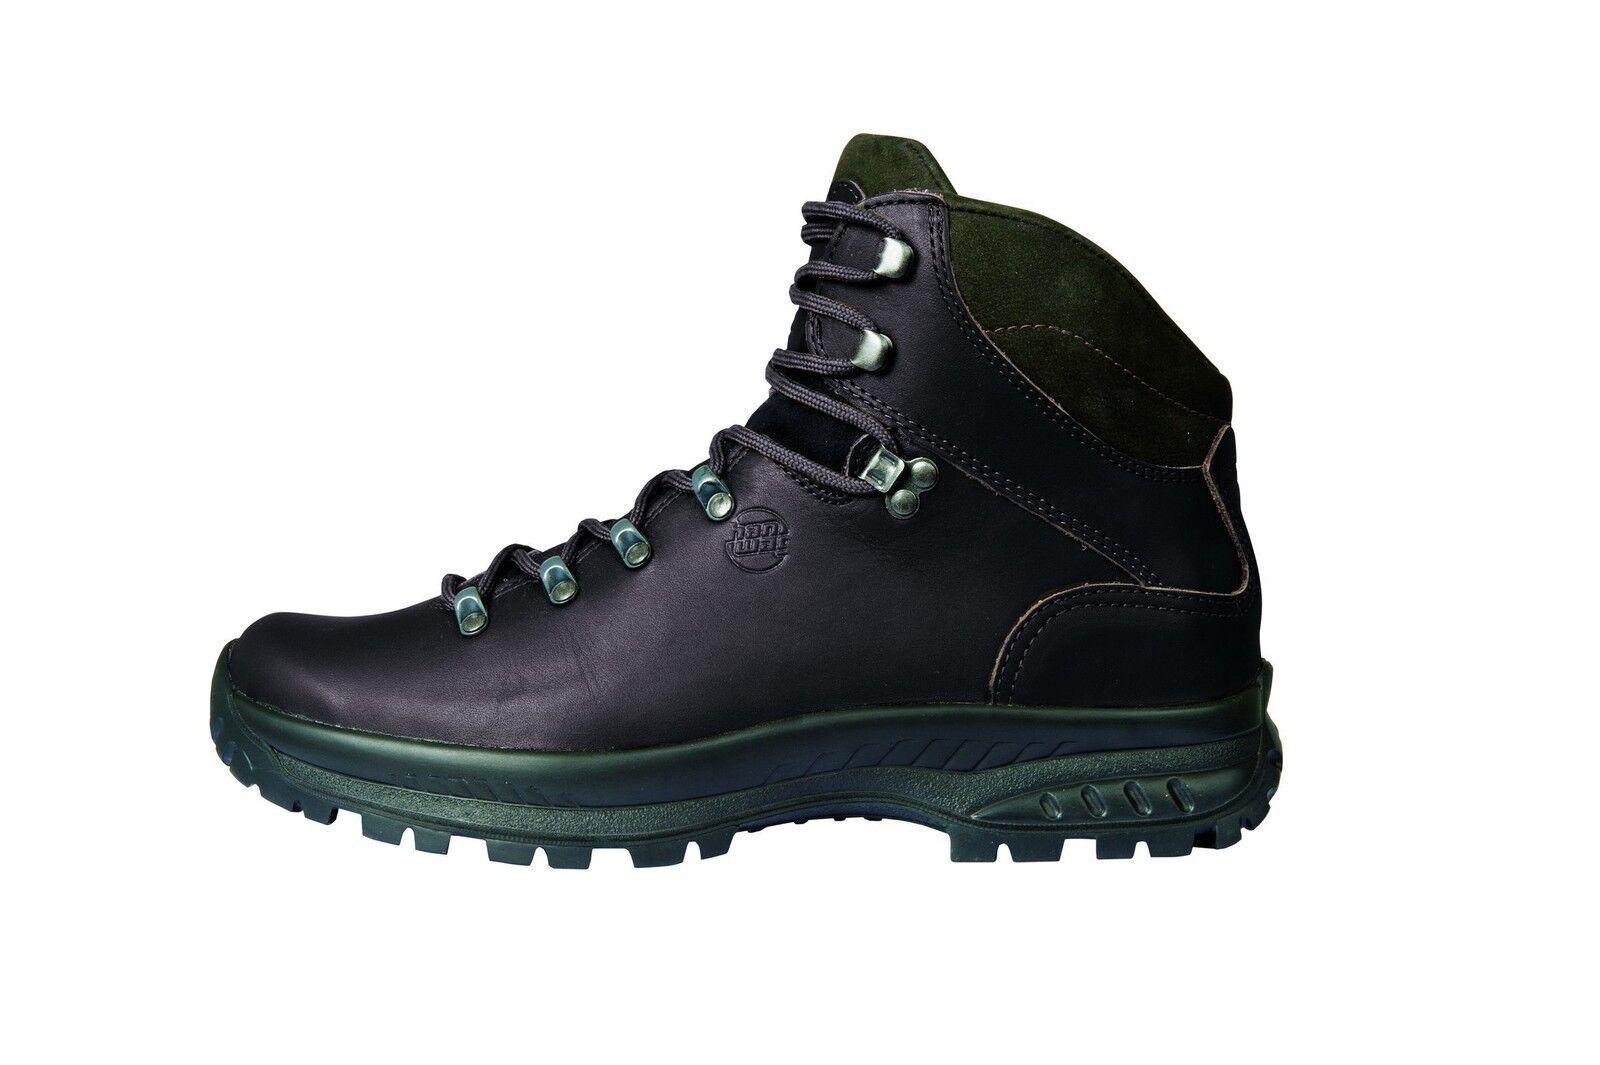 Hanwag Zapatos de Montaña Waxenstein Bio Tamaño 6-39,5 Mocca